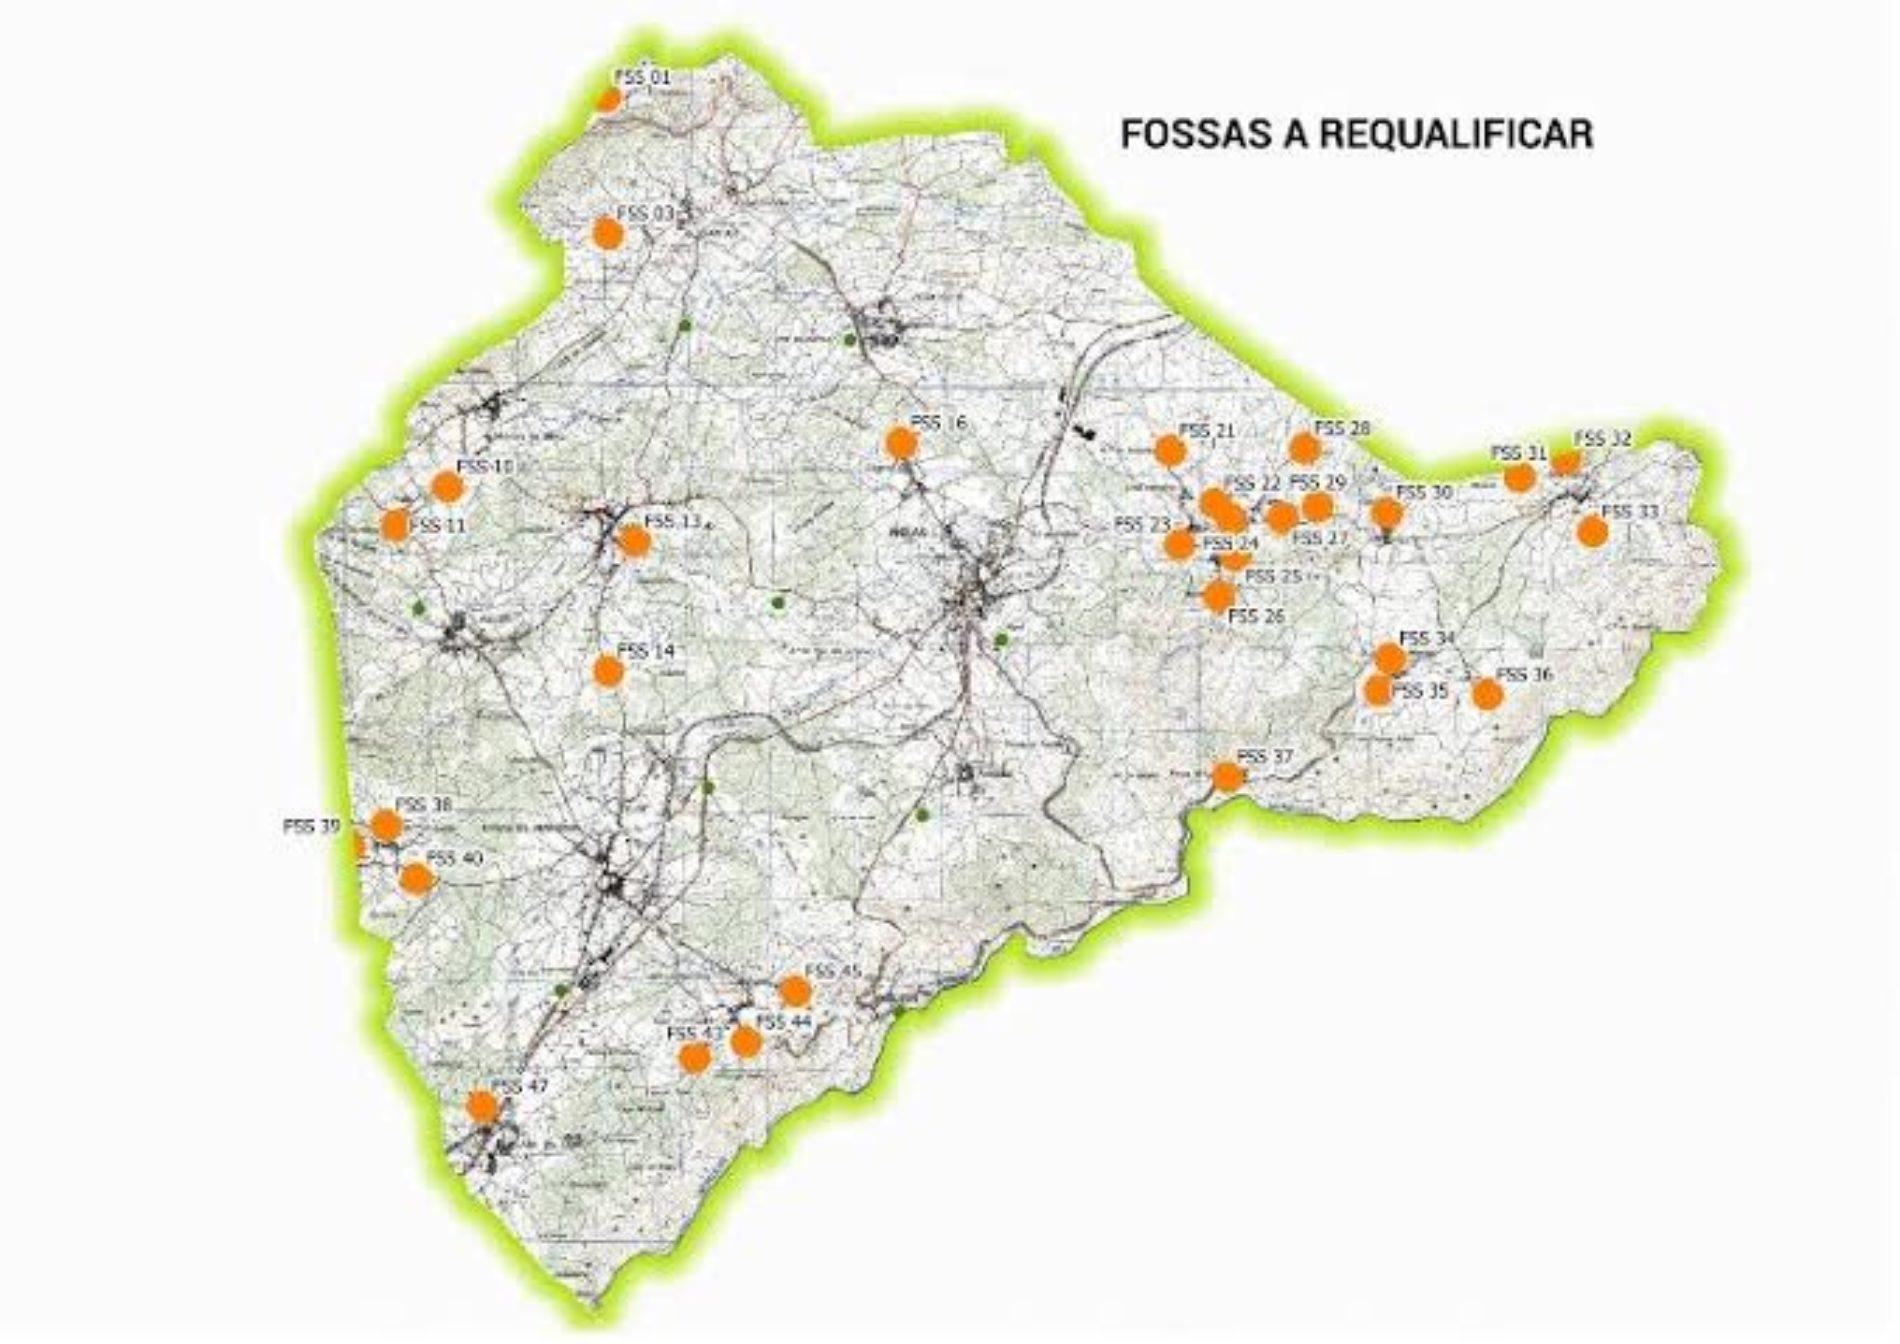 Endesa apoia requalificação de fossas em Nelas em contrapartida pela não construção da barragem de Girabolhos